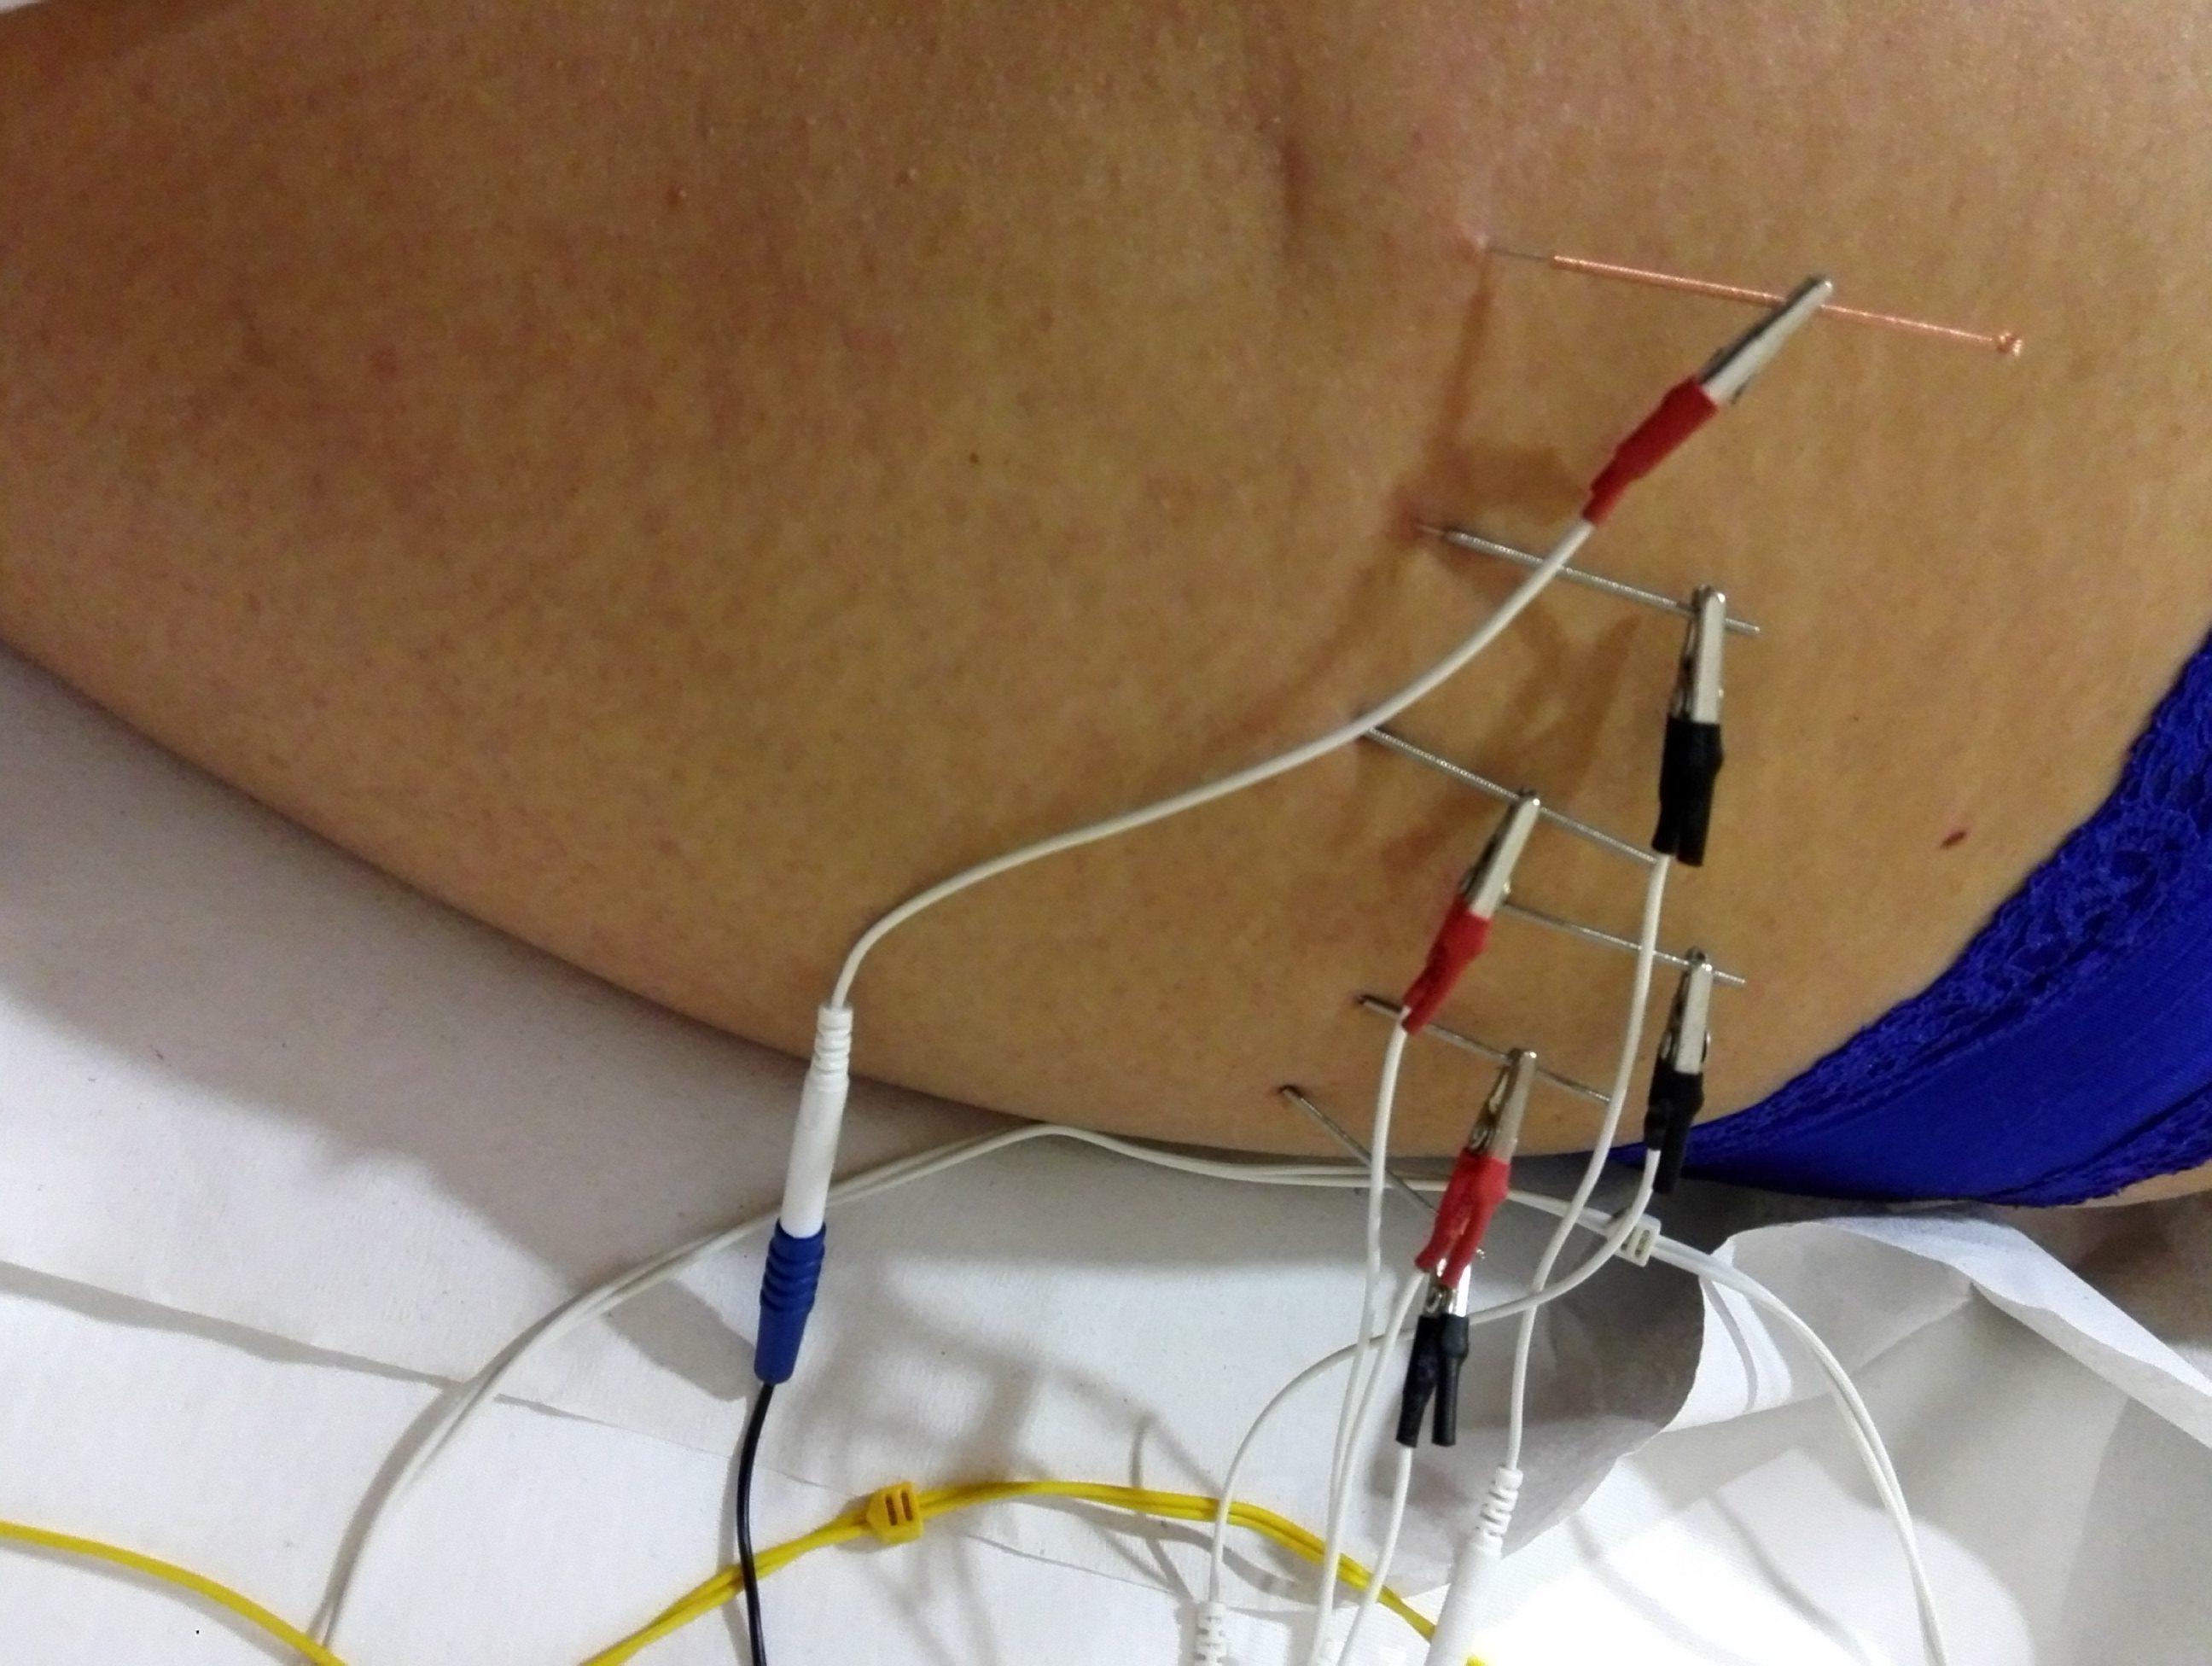 Tratamiento de celulitis de muslos, electrolipolisis, altaivida, maxim popovich